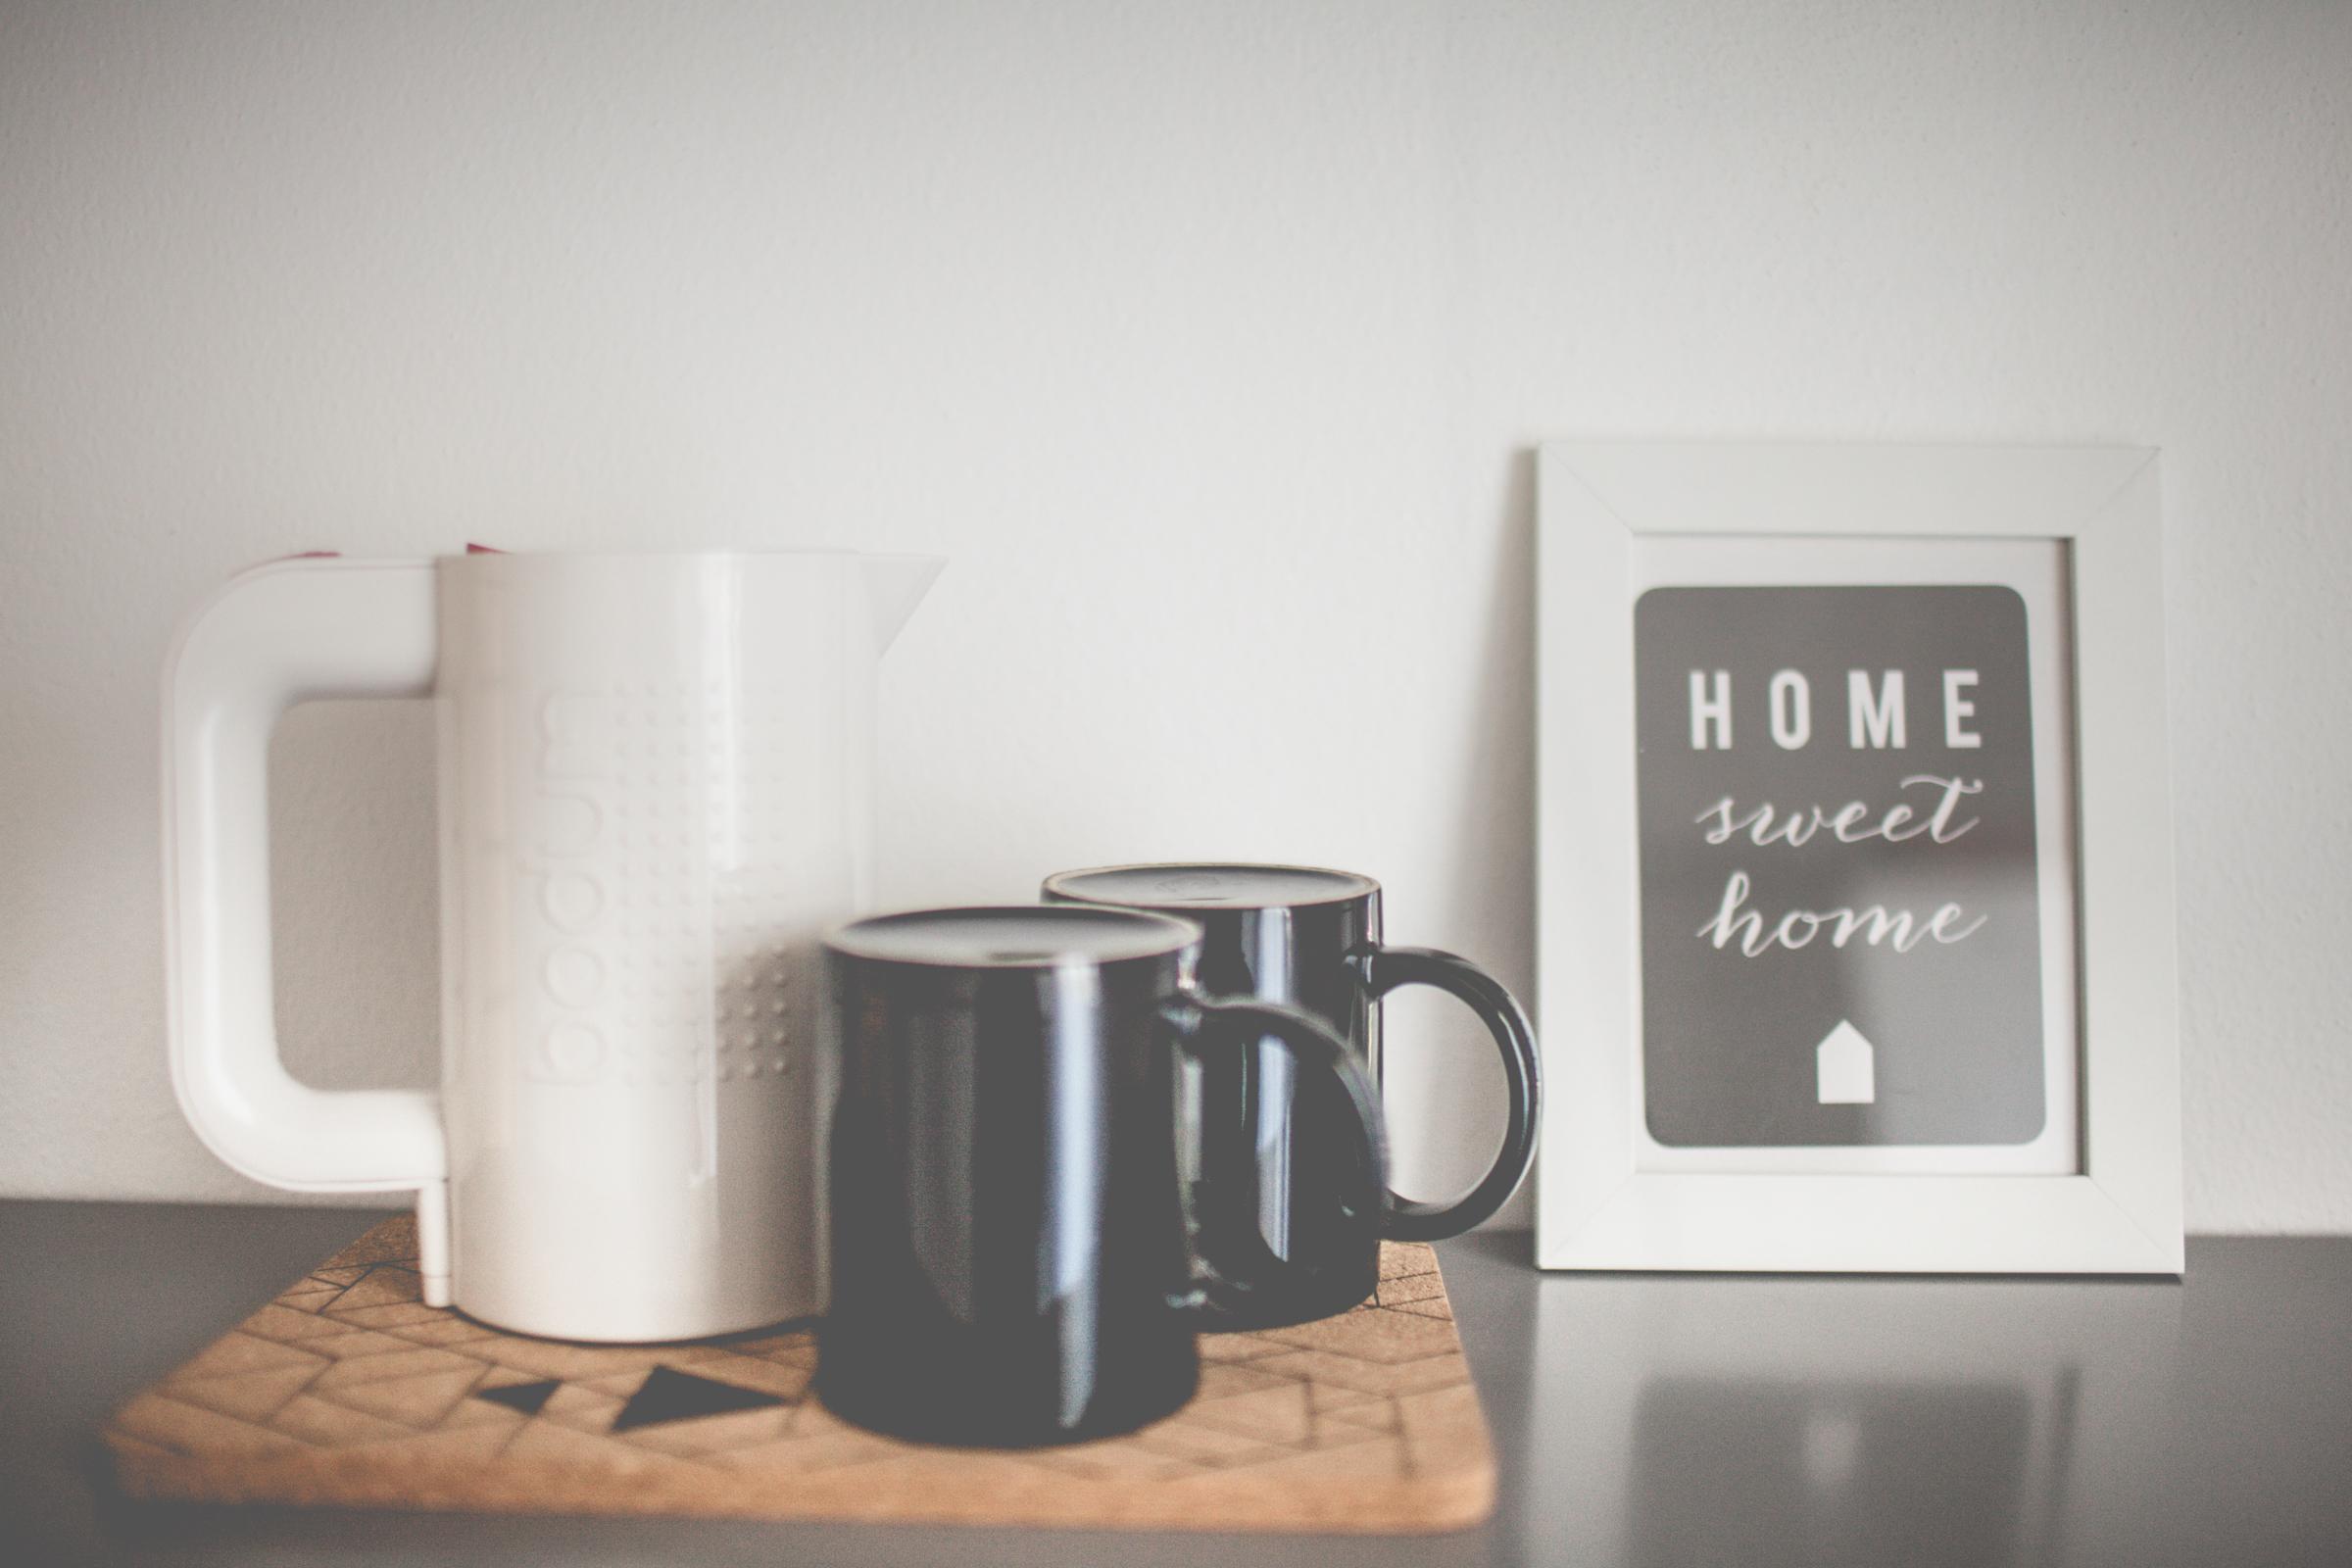 camera bianco e nero bed and breakfast home padova